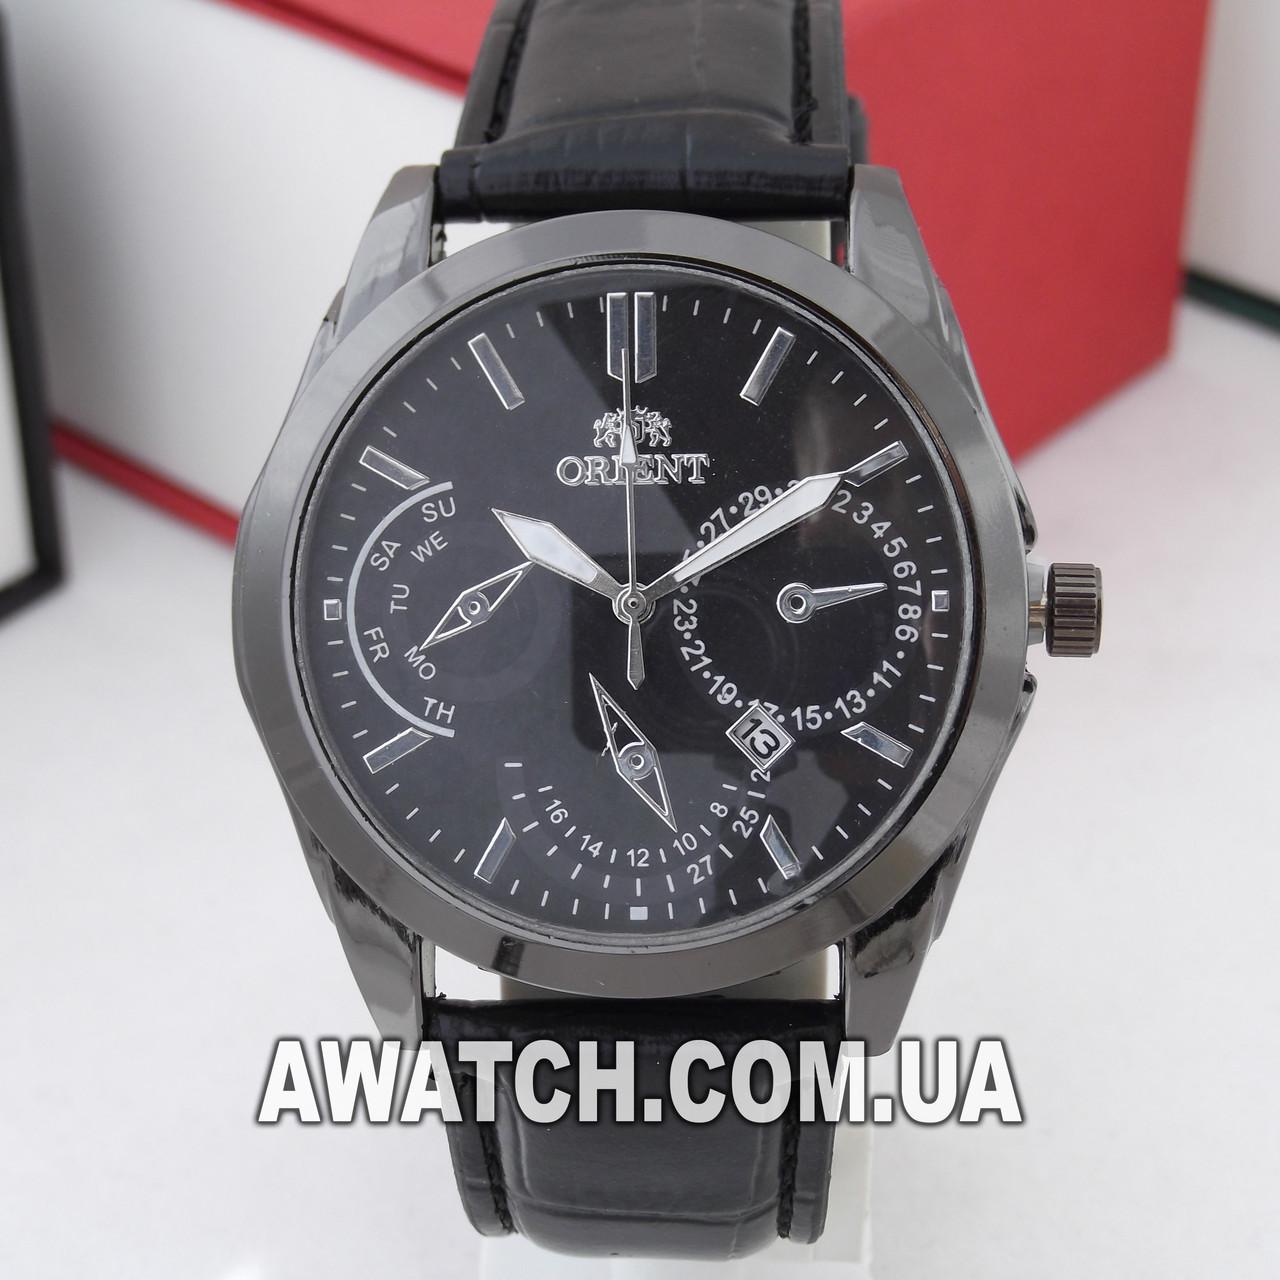 Кварцевые часы ориент мужские с автоподзаводом underwood